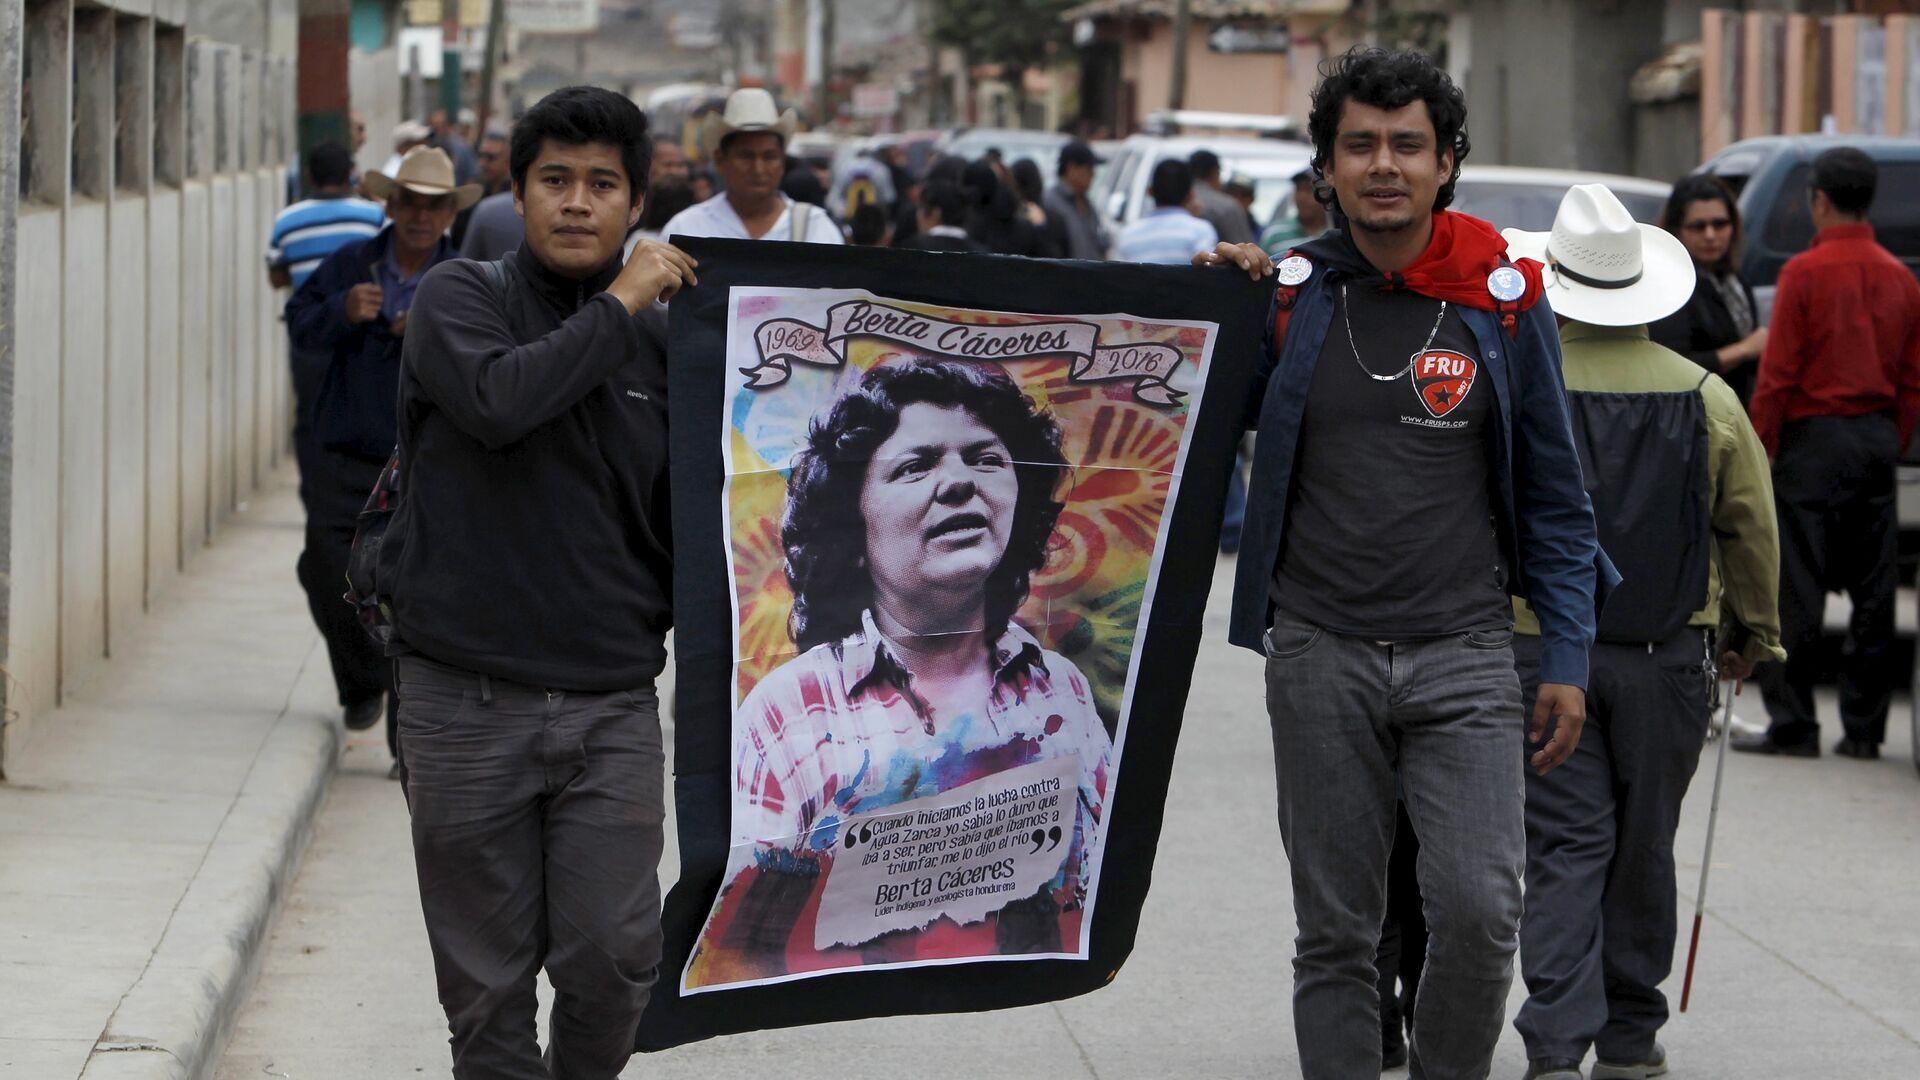 Los participantes del funeral de la dirigente popular indígena Berta Cáceres - Sputnik Mundo, 1920, 02.03.2021